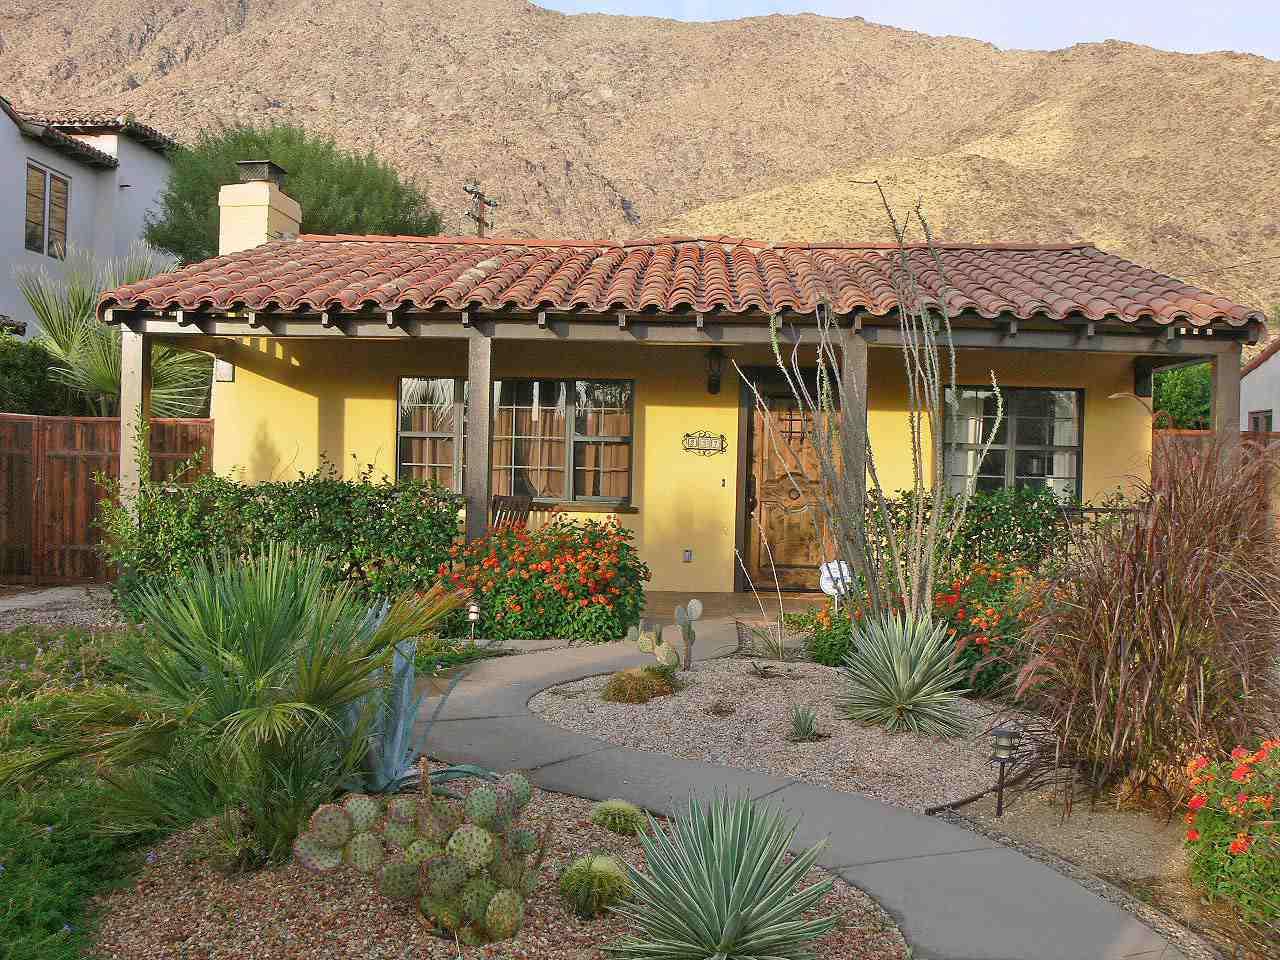 Ισπανική αναβίωση σπίτι στο Παλμ Σπρινγκς, Καλιφόρνια